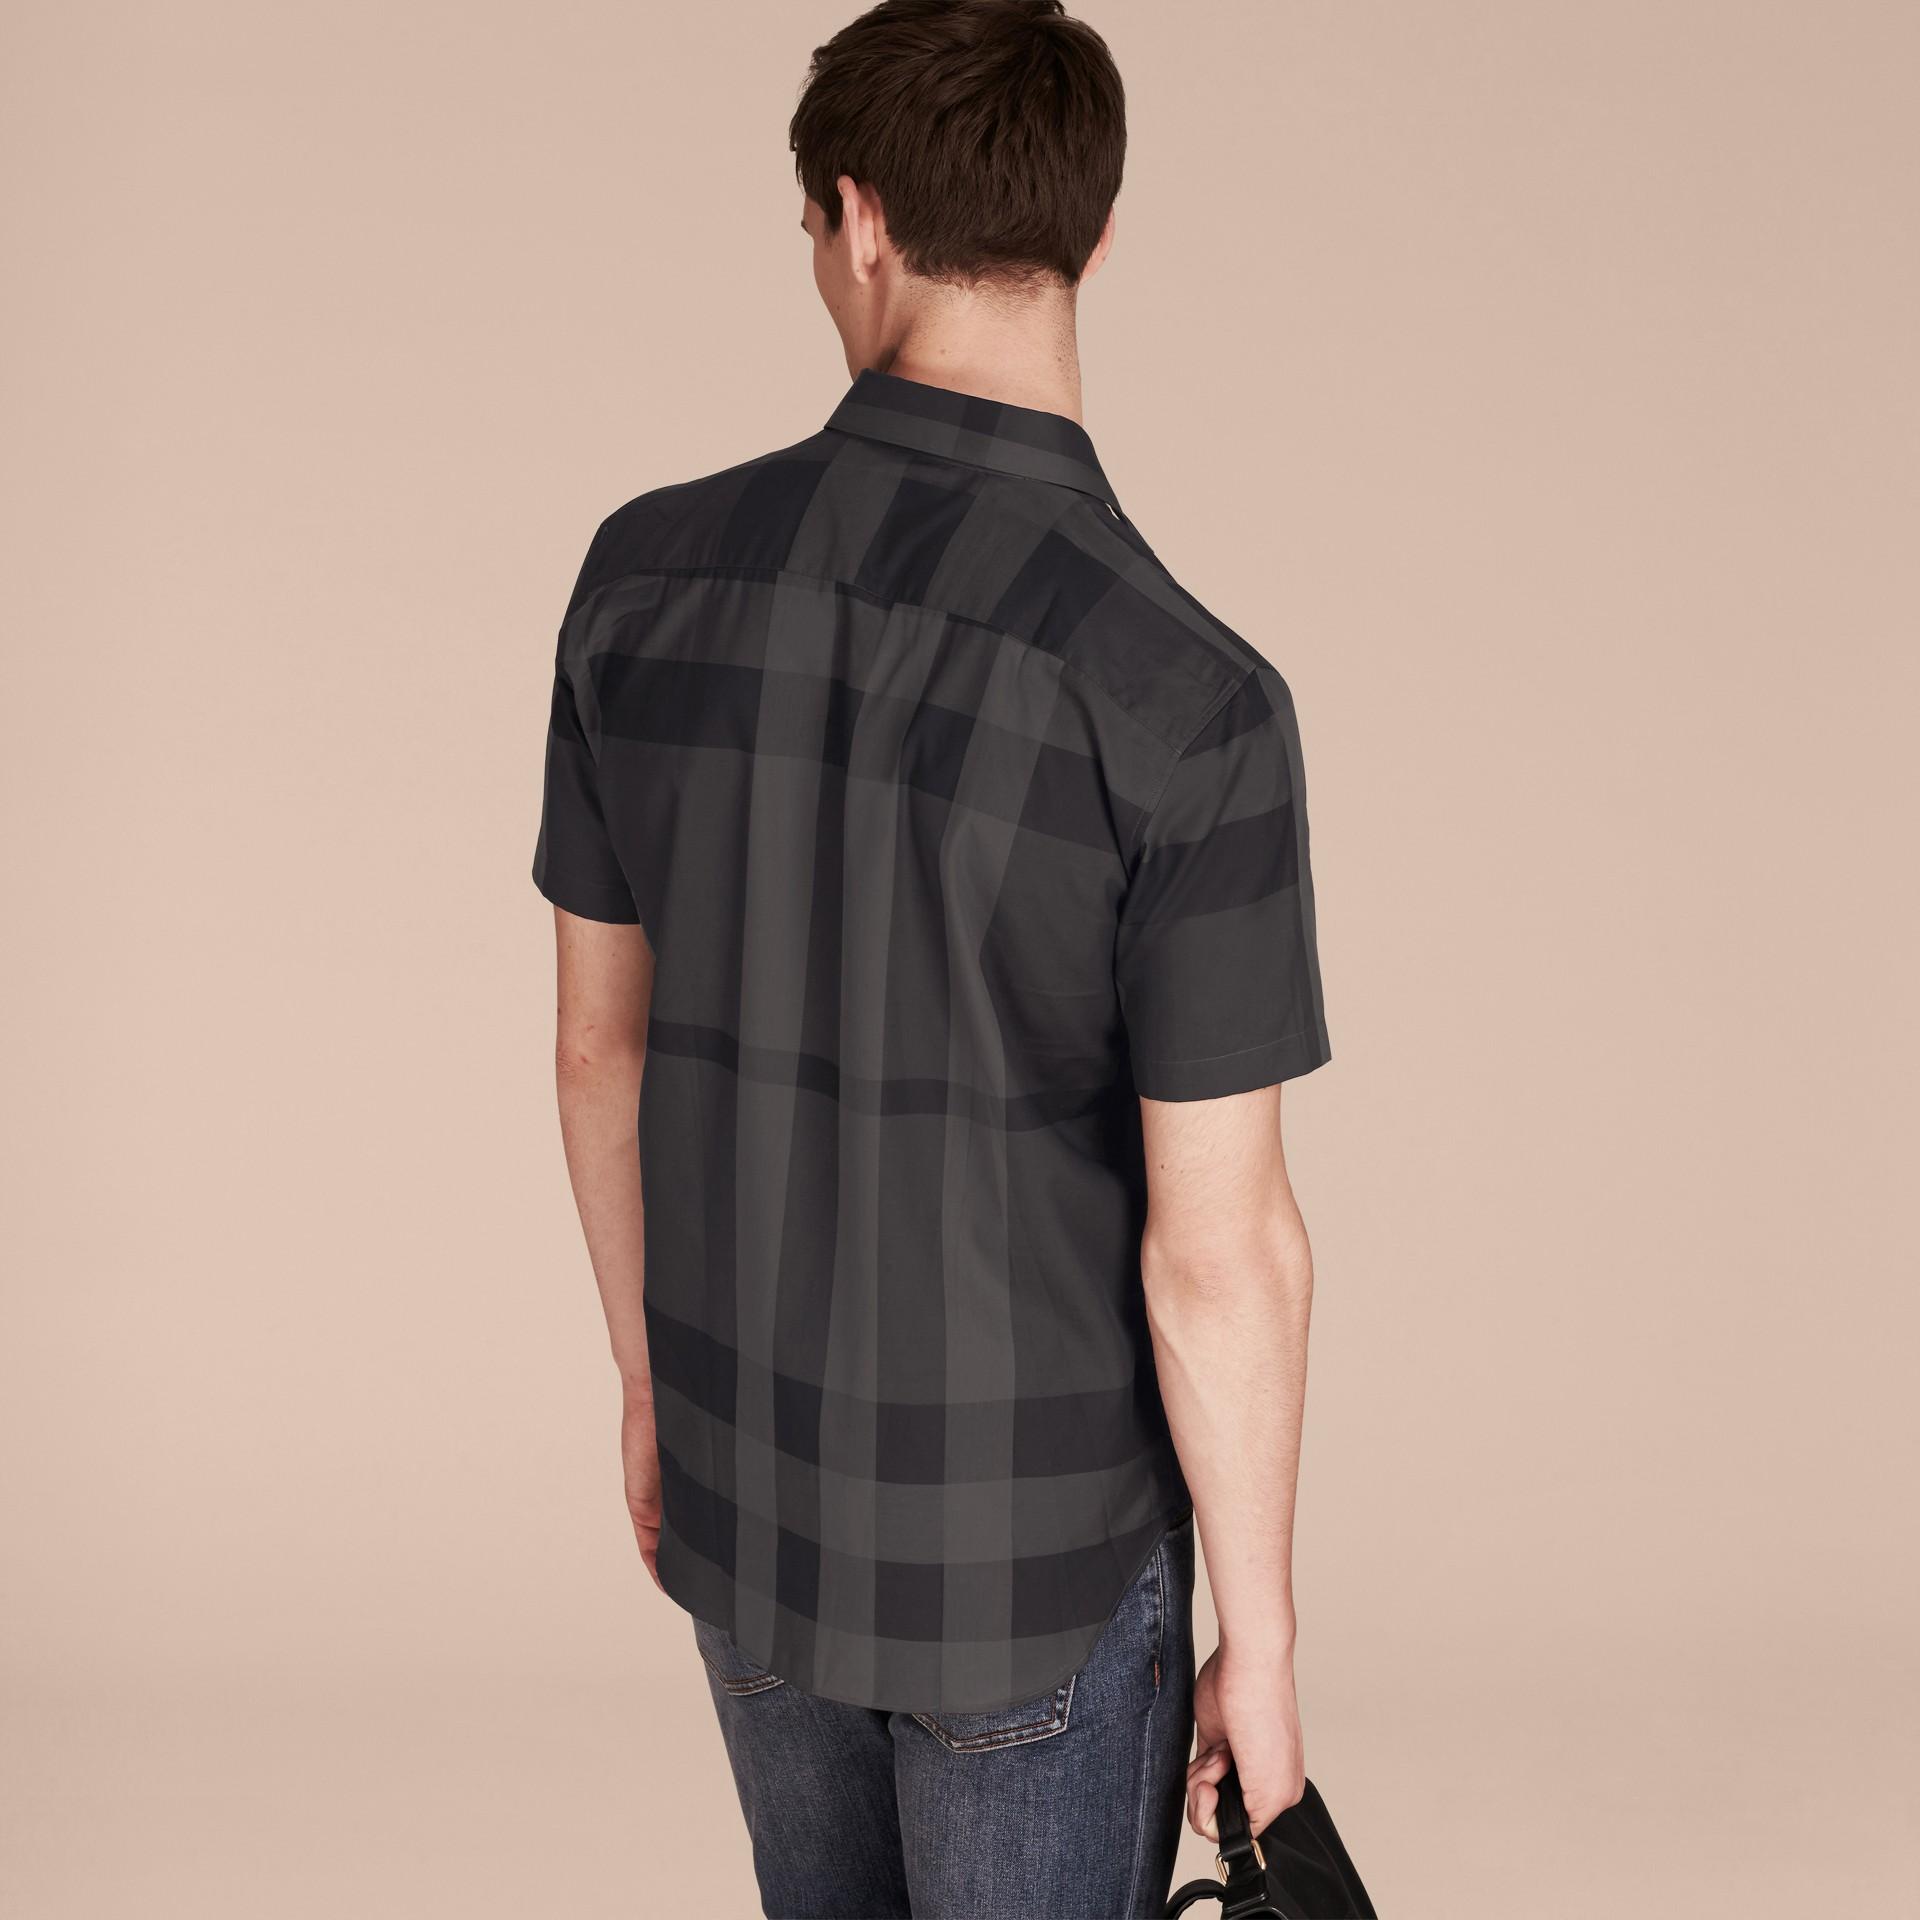 Charcoal Camisa de algodão com estampa xadrez e mangas curtas Charcoal - galeria de imagens 3